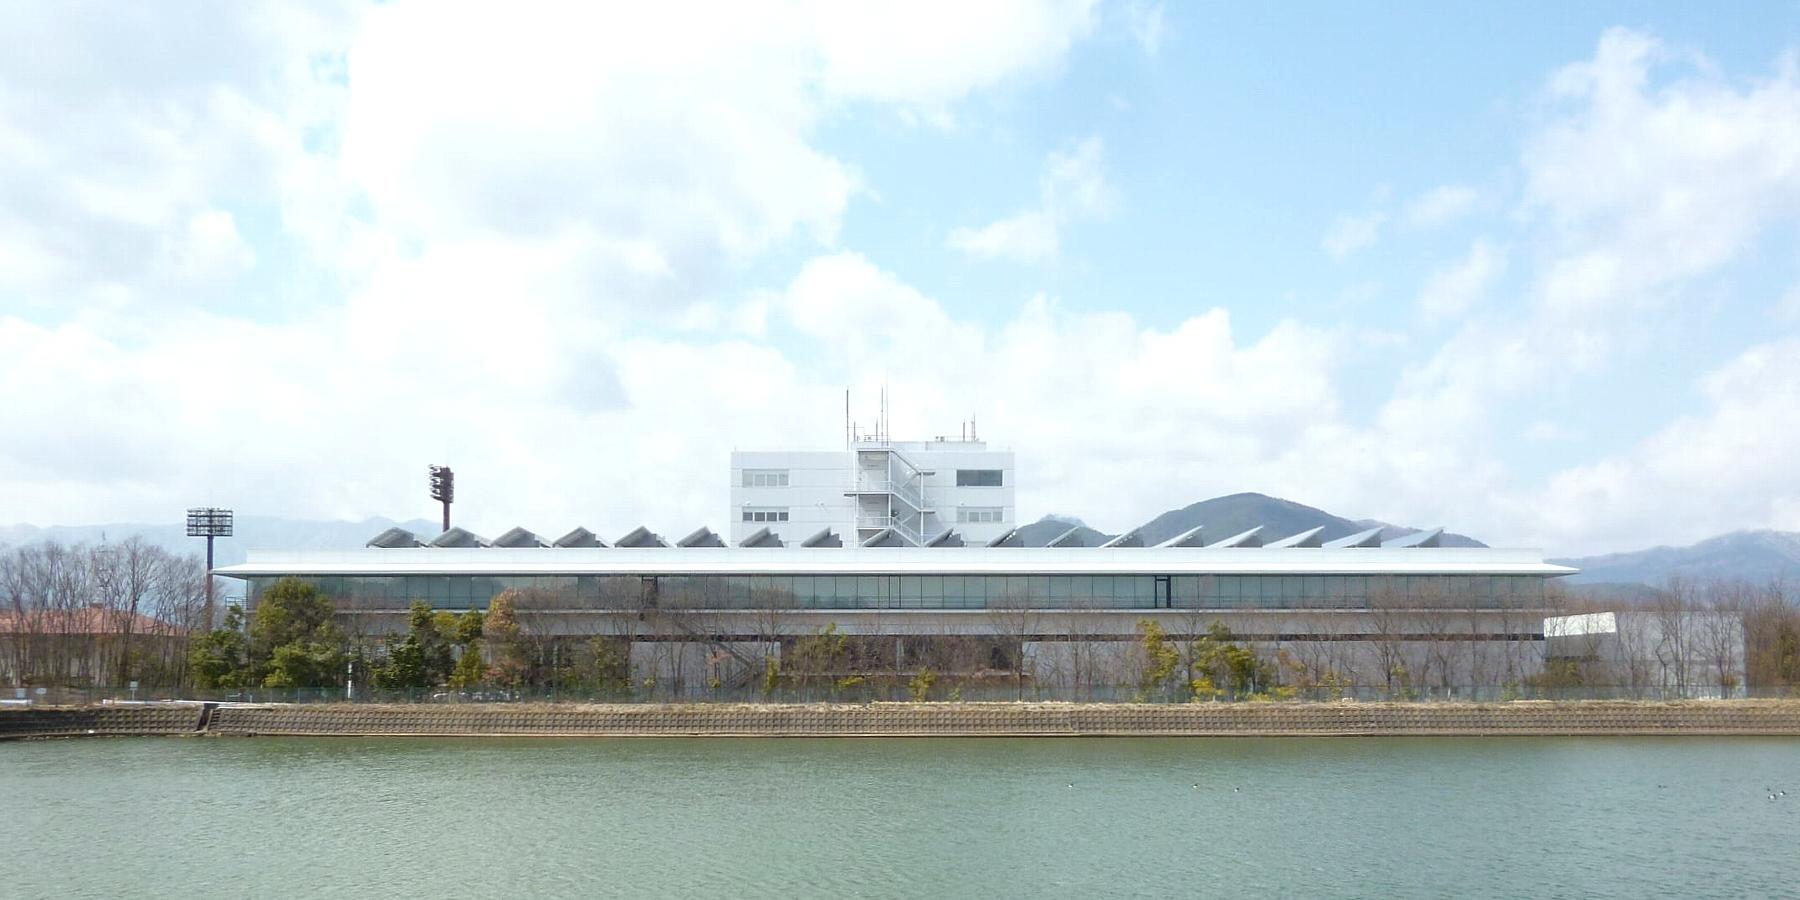 終了しました〜「第13回長野県建築文化賞 最優秀賞受賞作品 見学会」のお知らせ